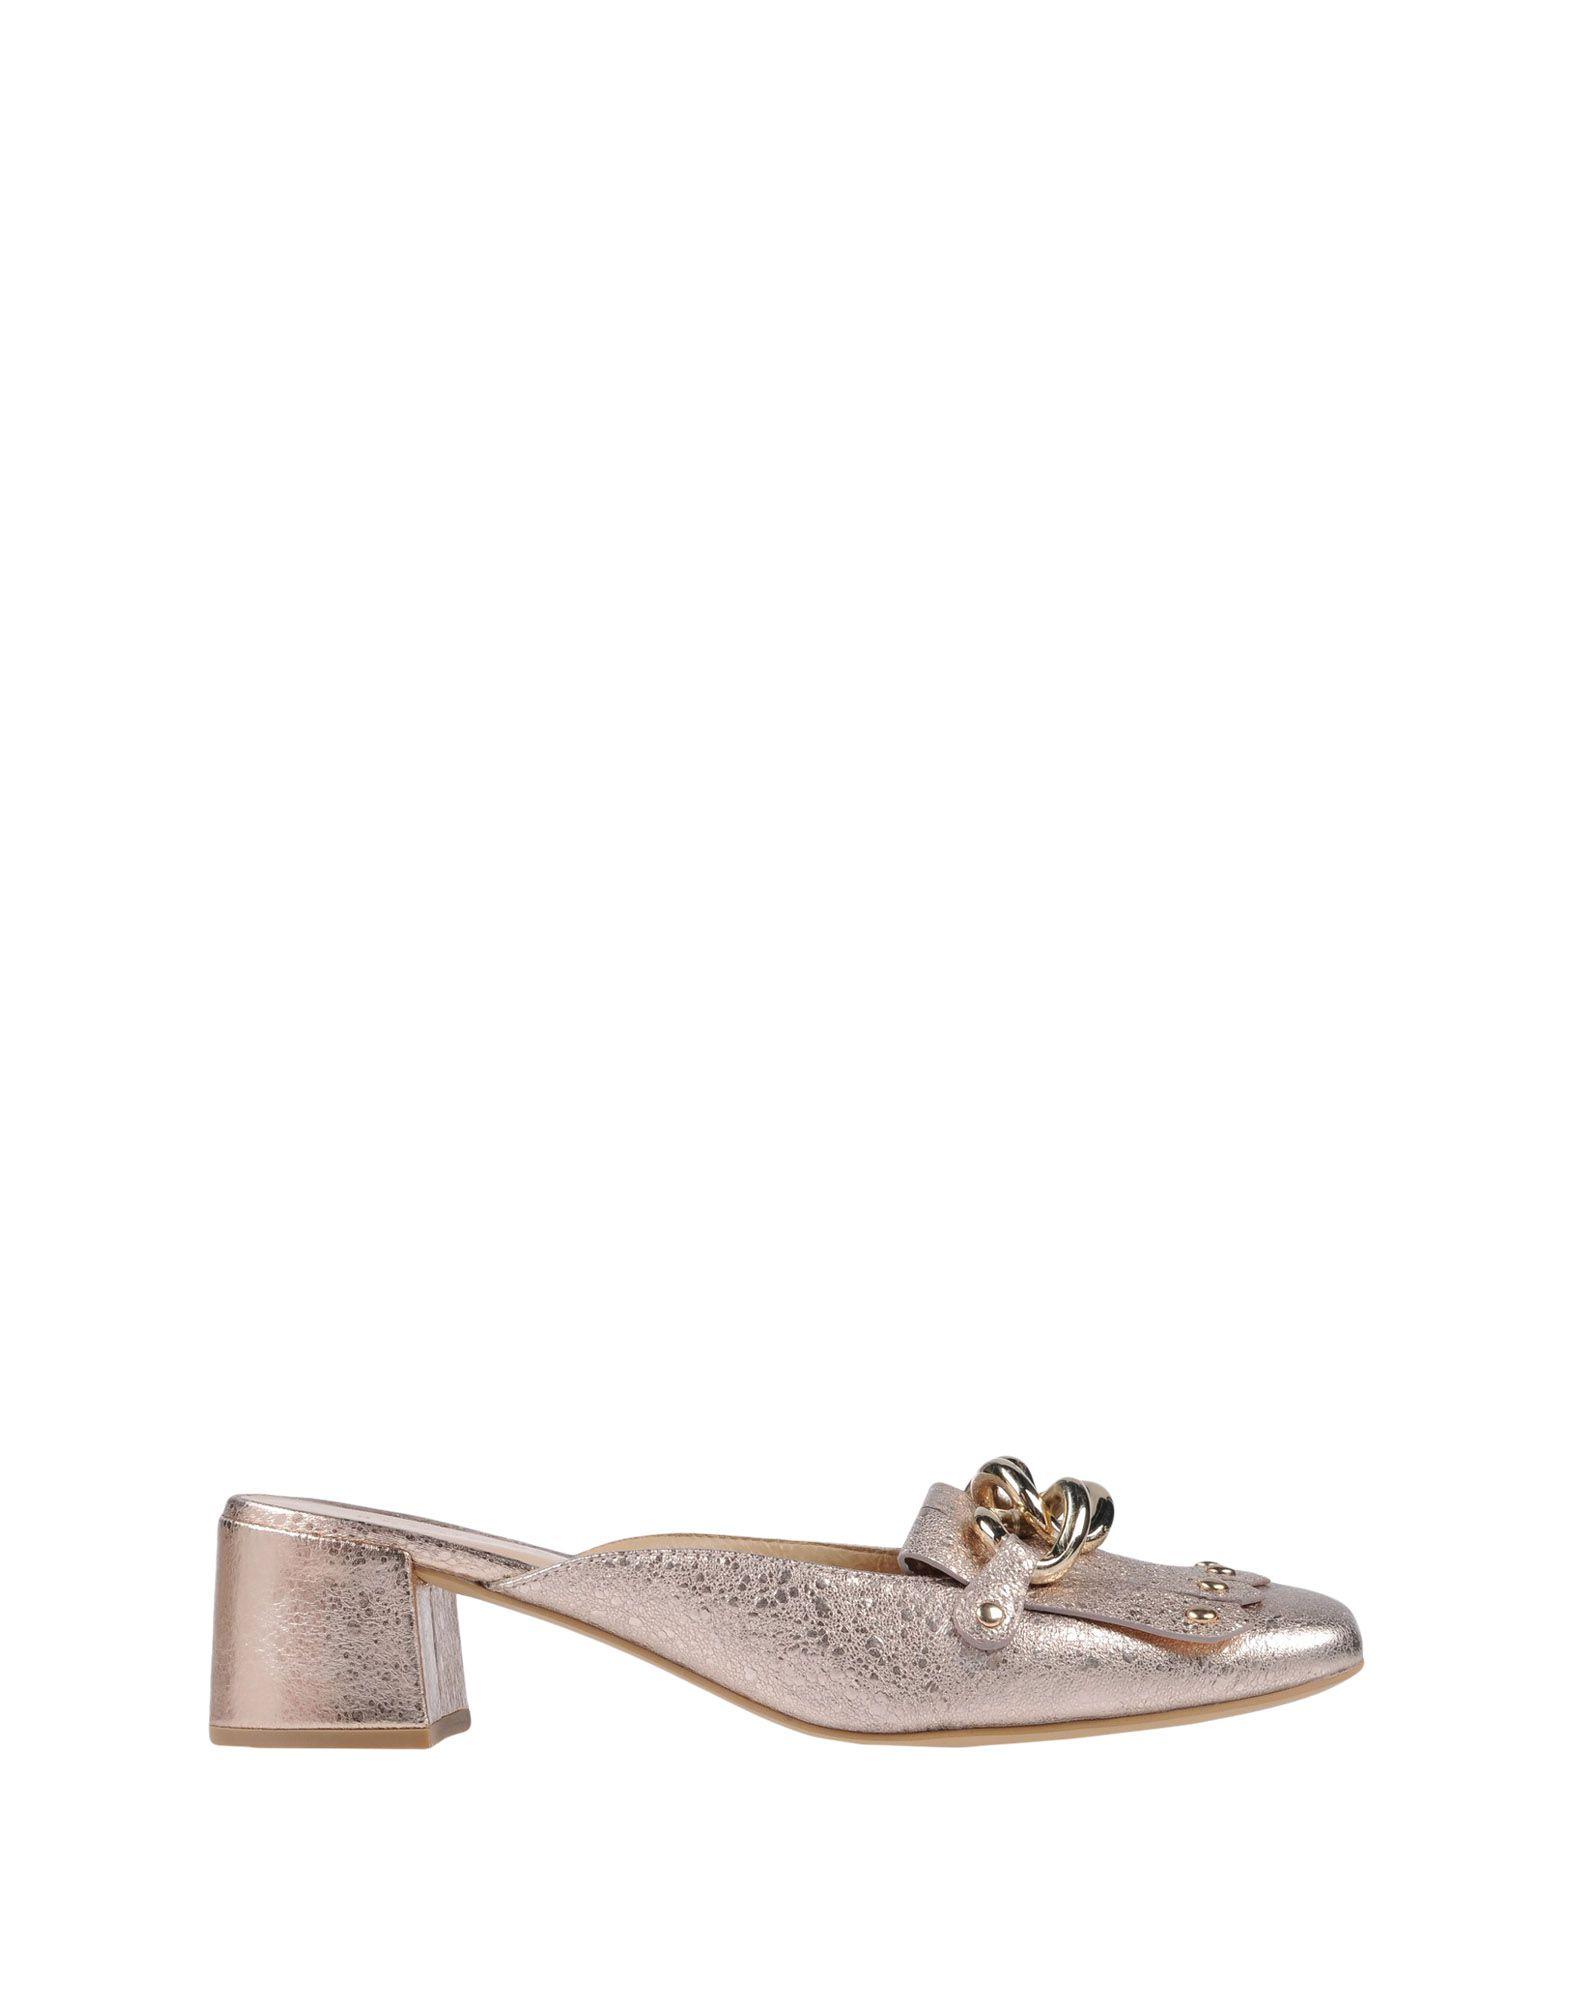 Gut um billige Schuhe zu tragenBruno 11443638OH Premi Pantoletten Damen  11443638OH tragenBruno f2e883